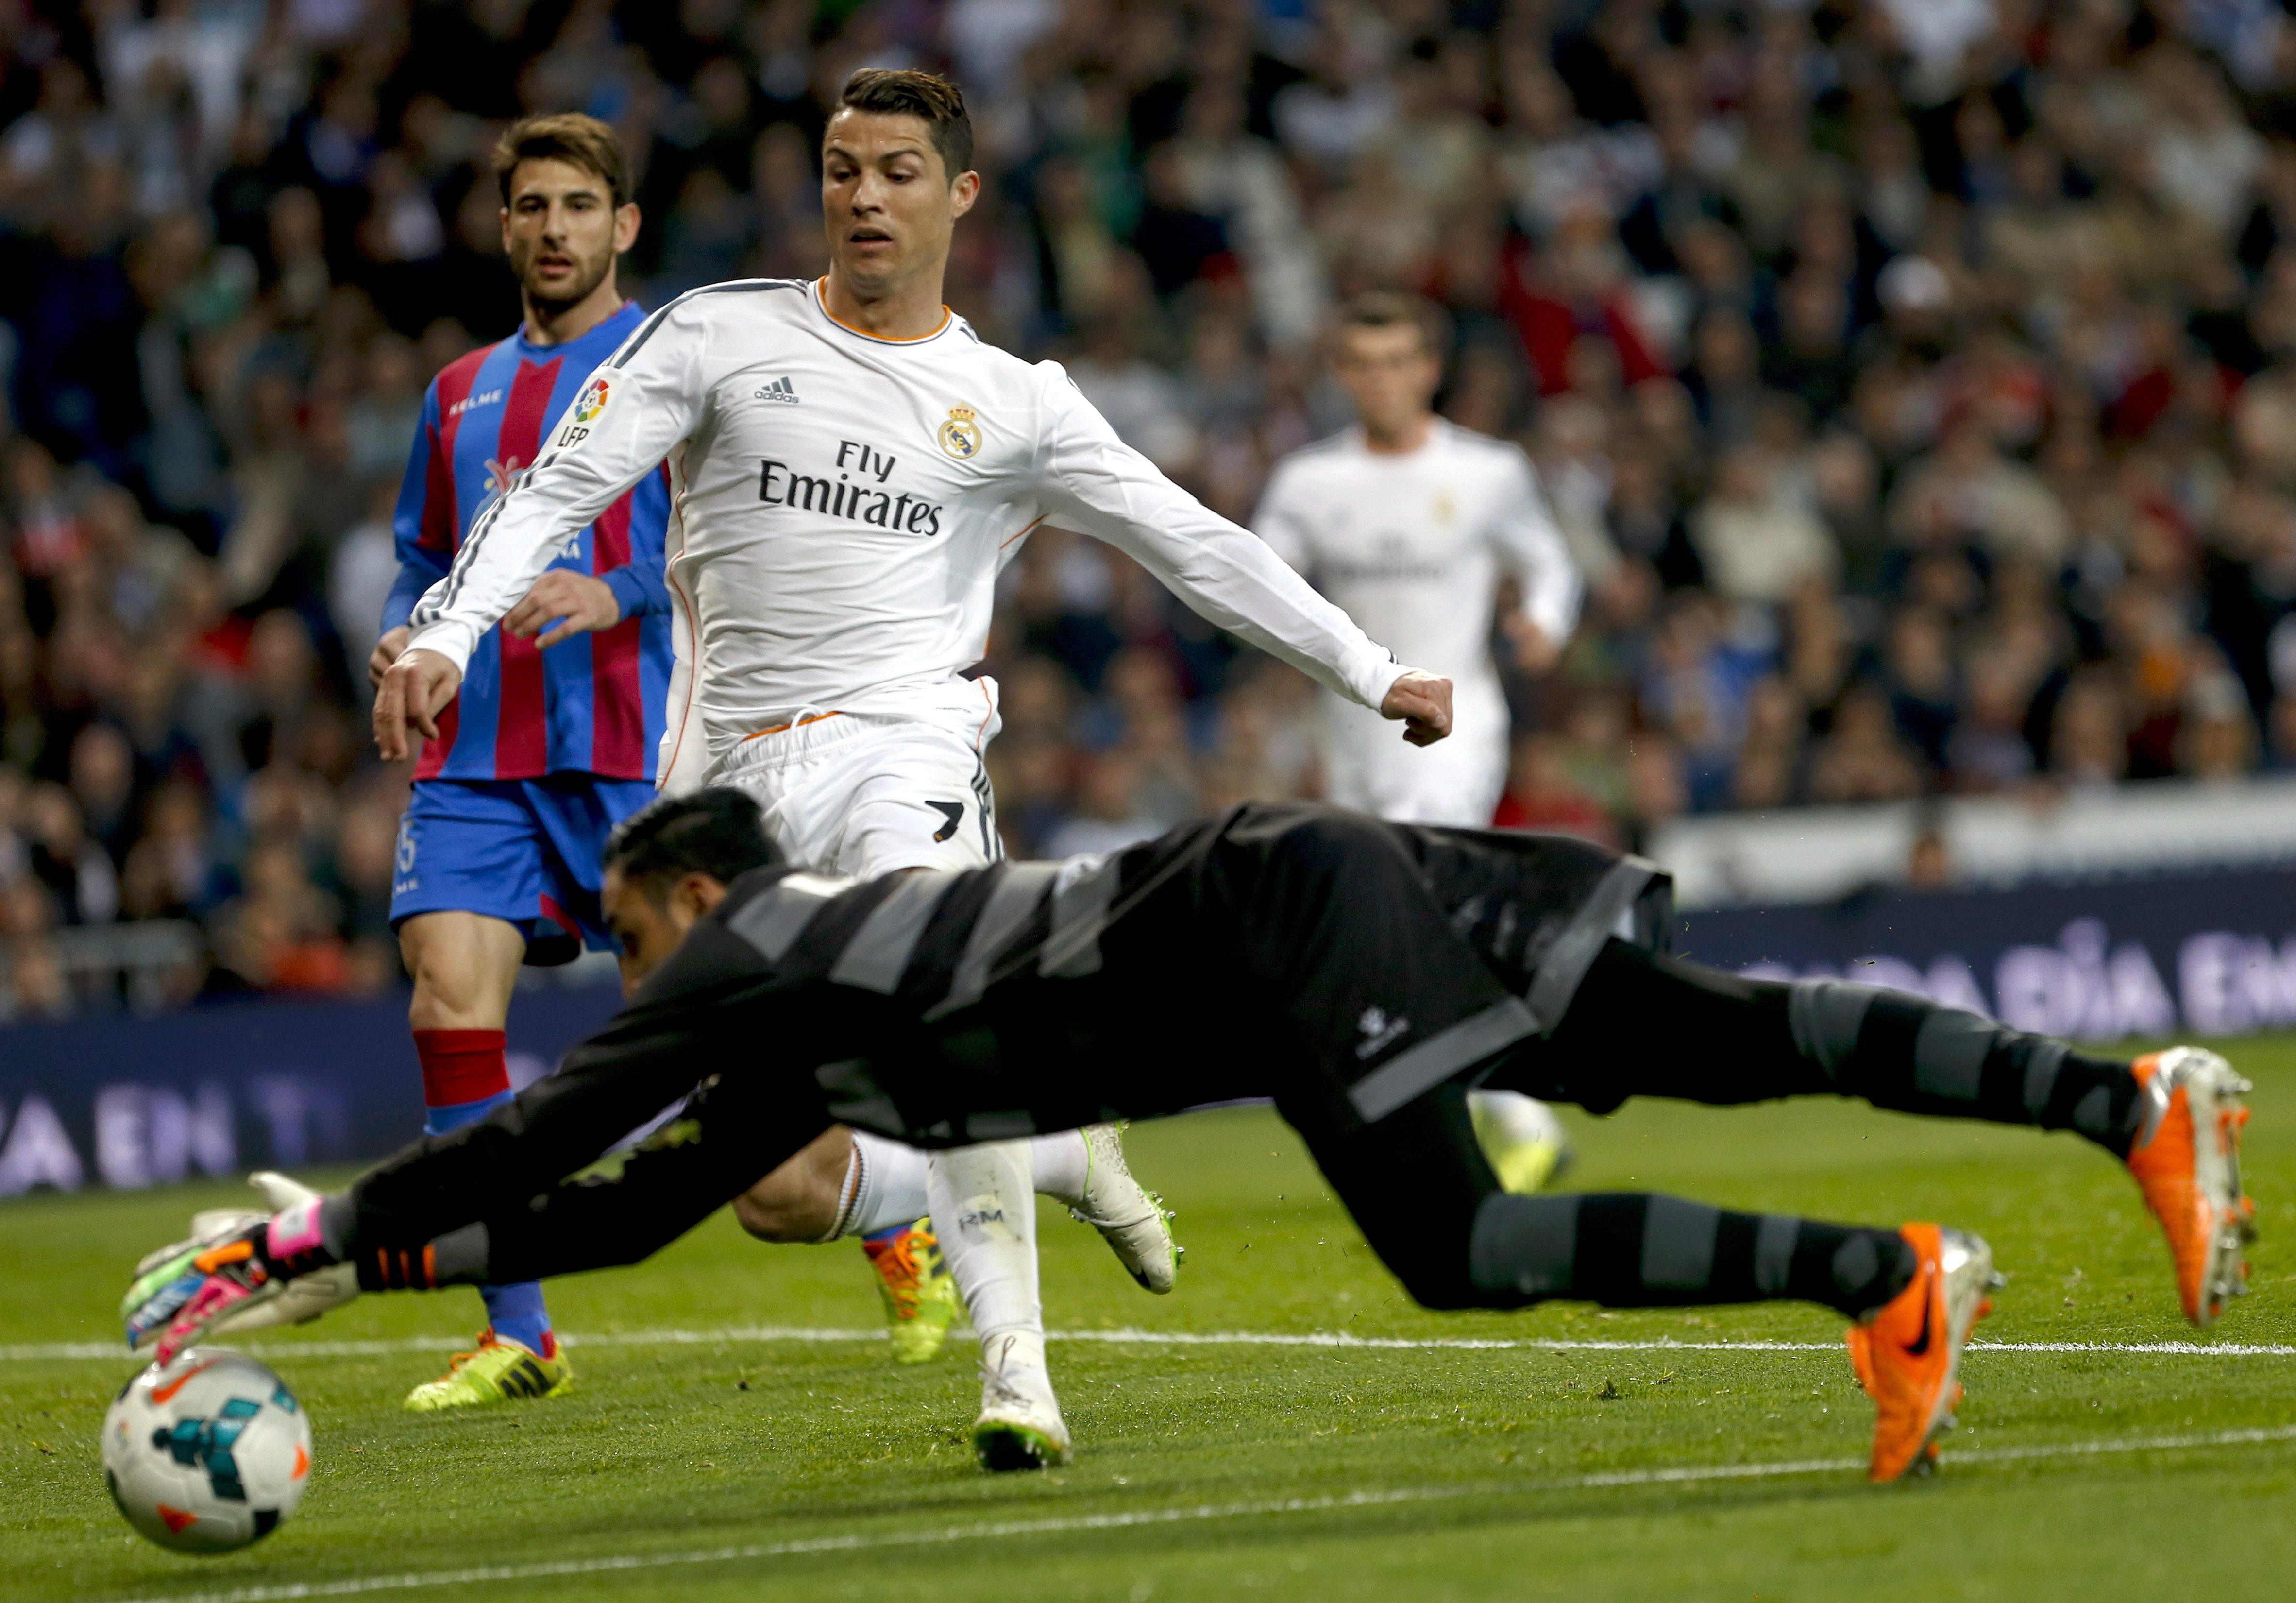 El Real Madrid golea para colocarse a cuatro del Barcelona